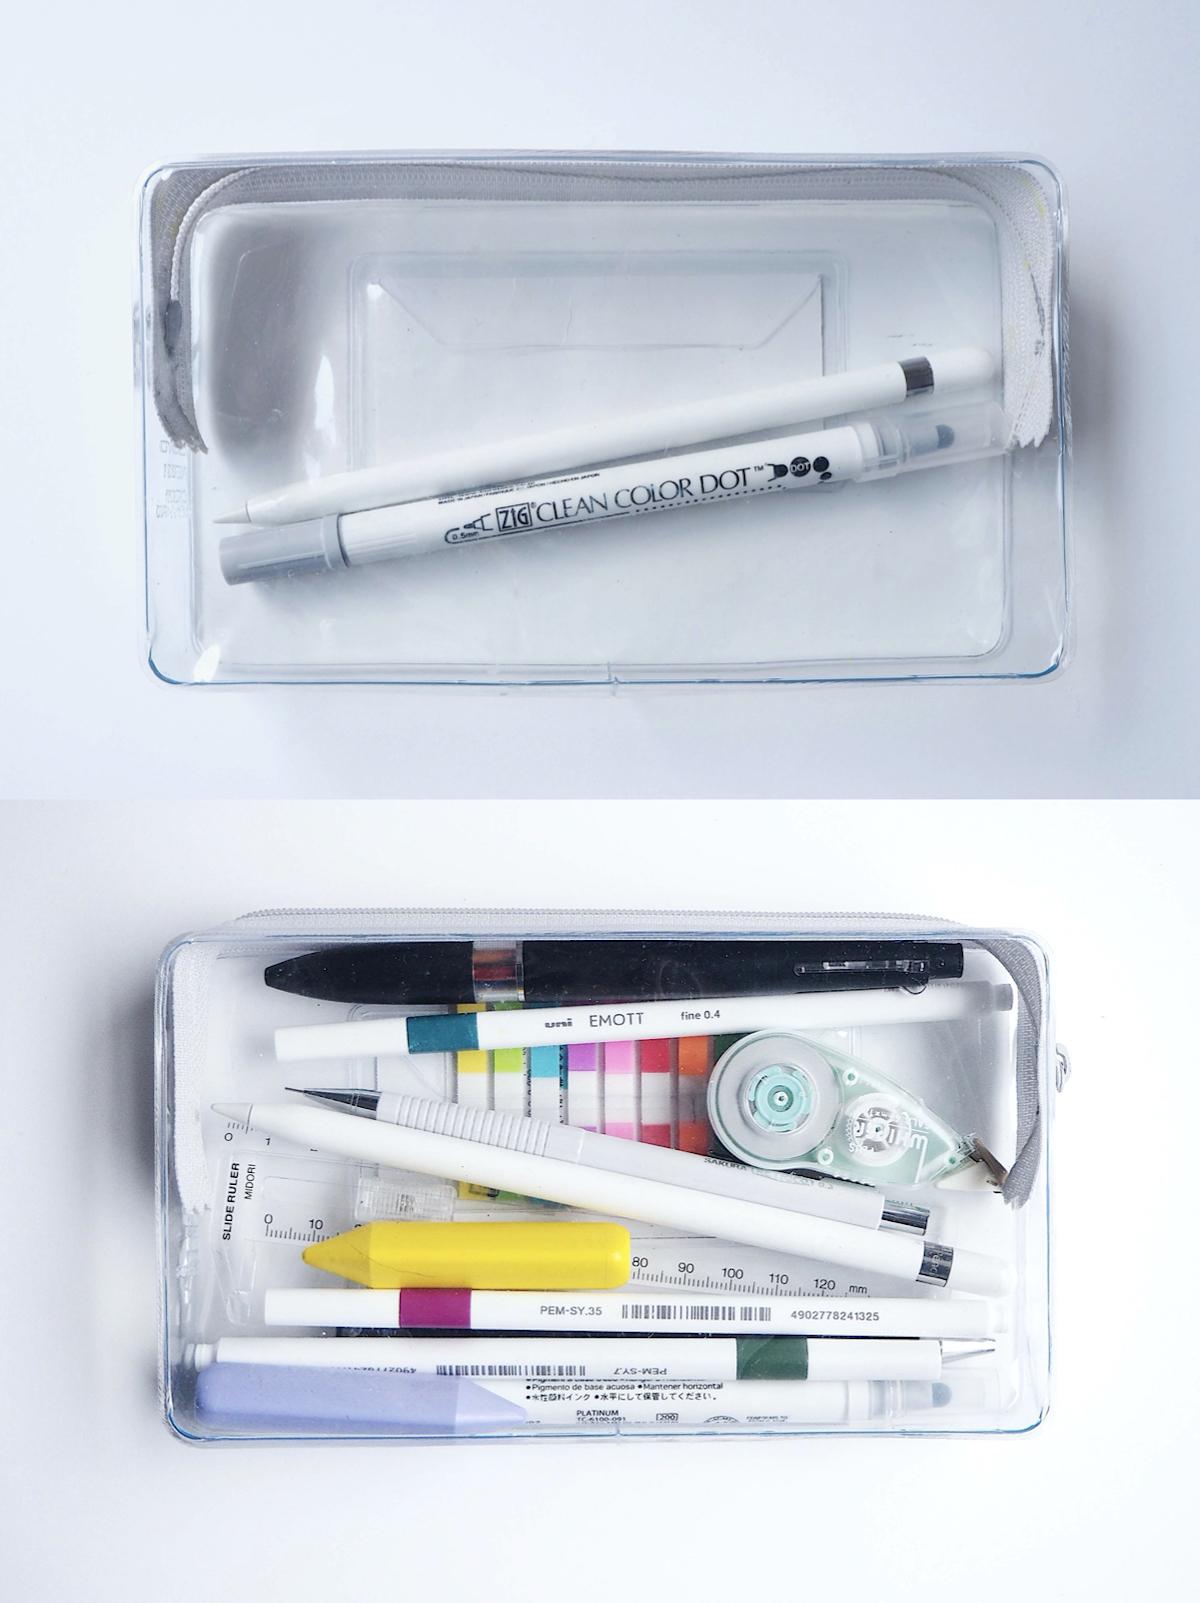 ↑ペンを1-2本入れても、小物類もいっしょにたっぷり詰め込んでも、中が見通せるので確認しやすく、見た目を気にしてコーディネートする楽しみもある